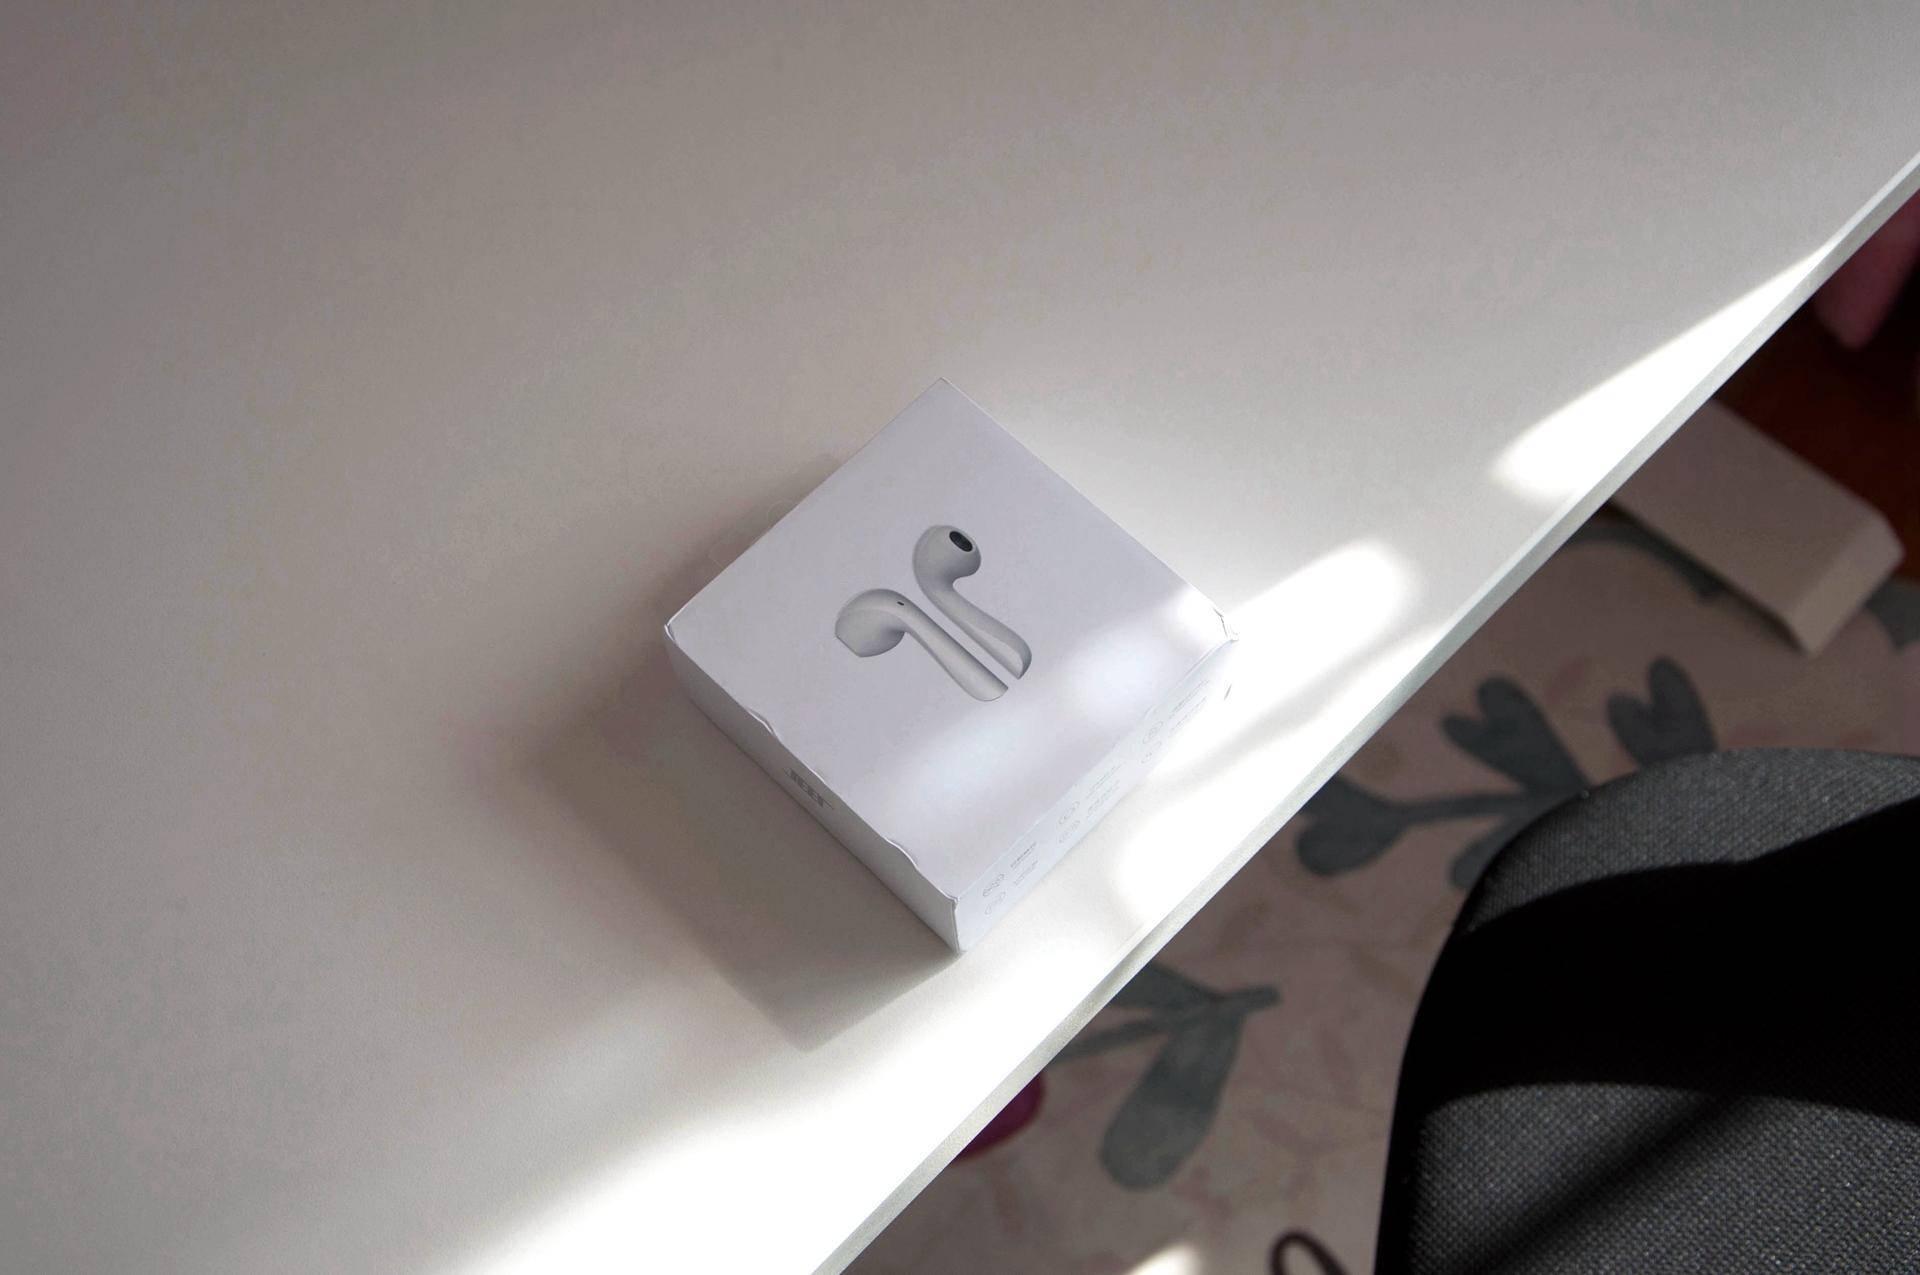 新产品!JEET ONE配备了真正的无线蓝牙耳机,价格接近大众